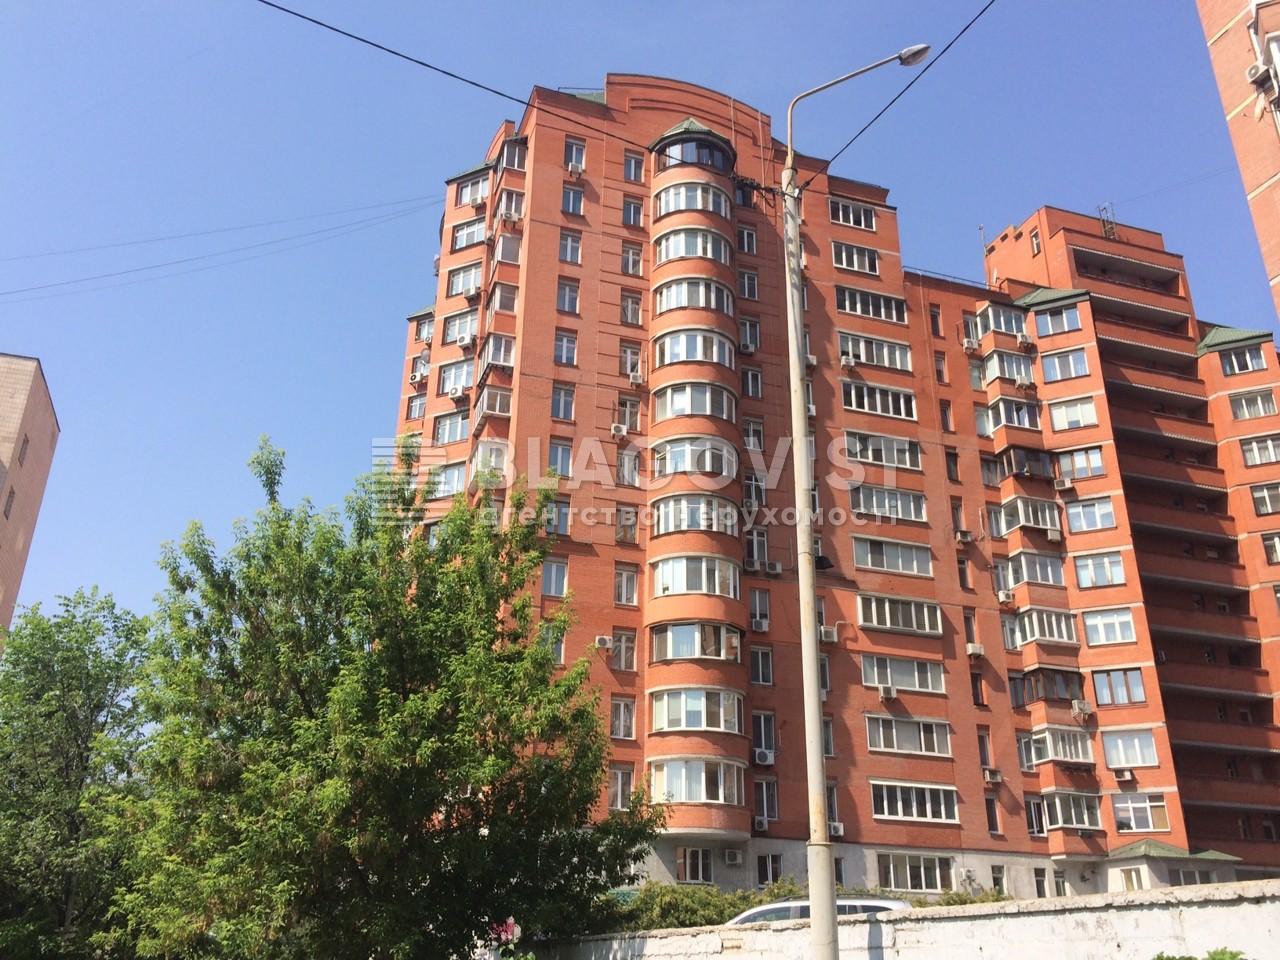 Салон красоты, Z-920886, Златоустовская, Киев - Фото 1